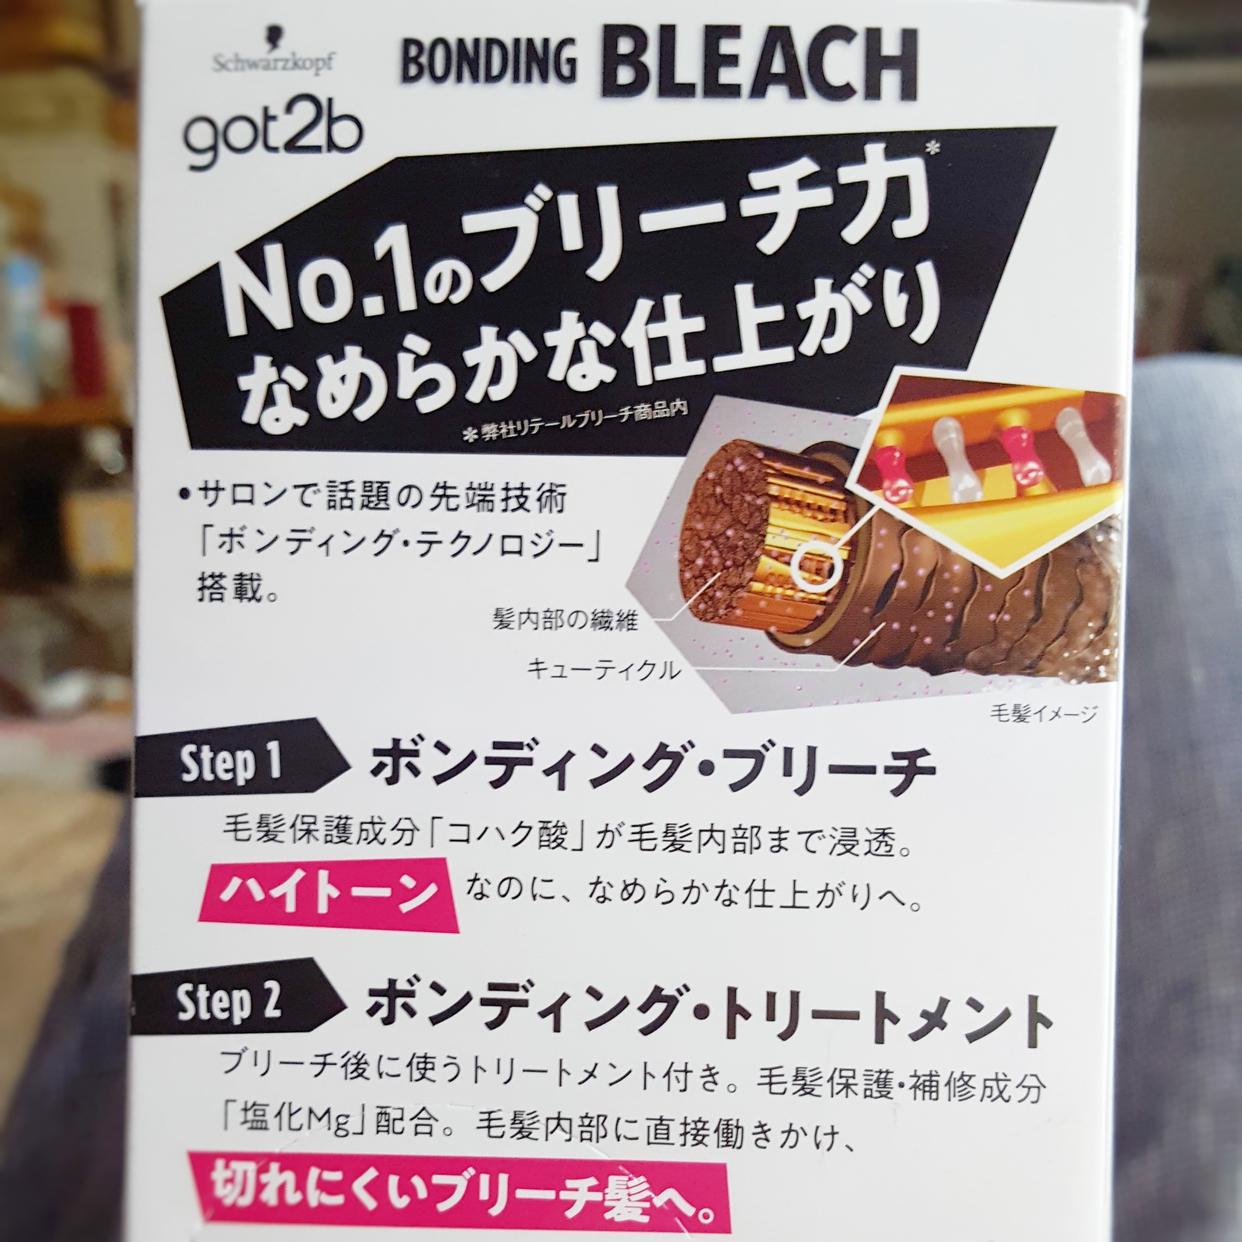 got2b(ゴットゥービー)ボンディング・ブリーチを使った銀麦さんのクチコミ画像4